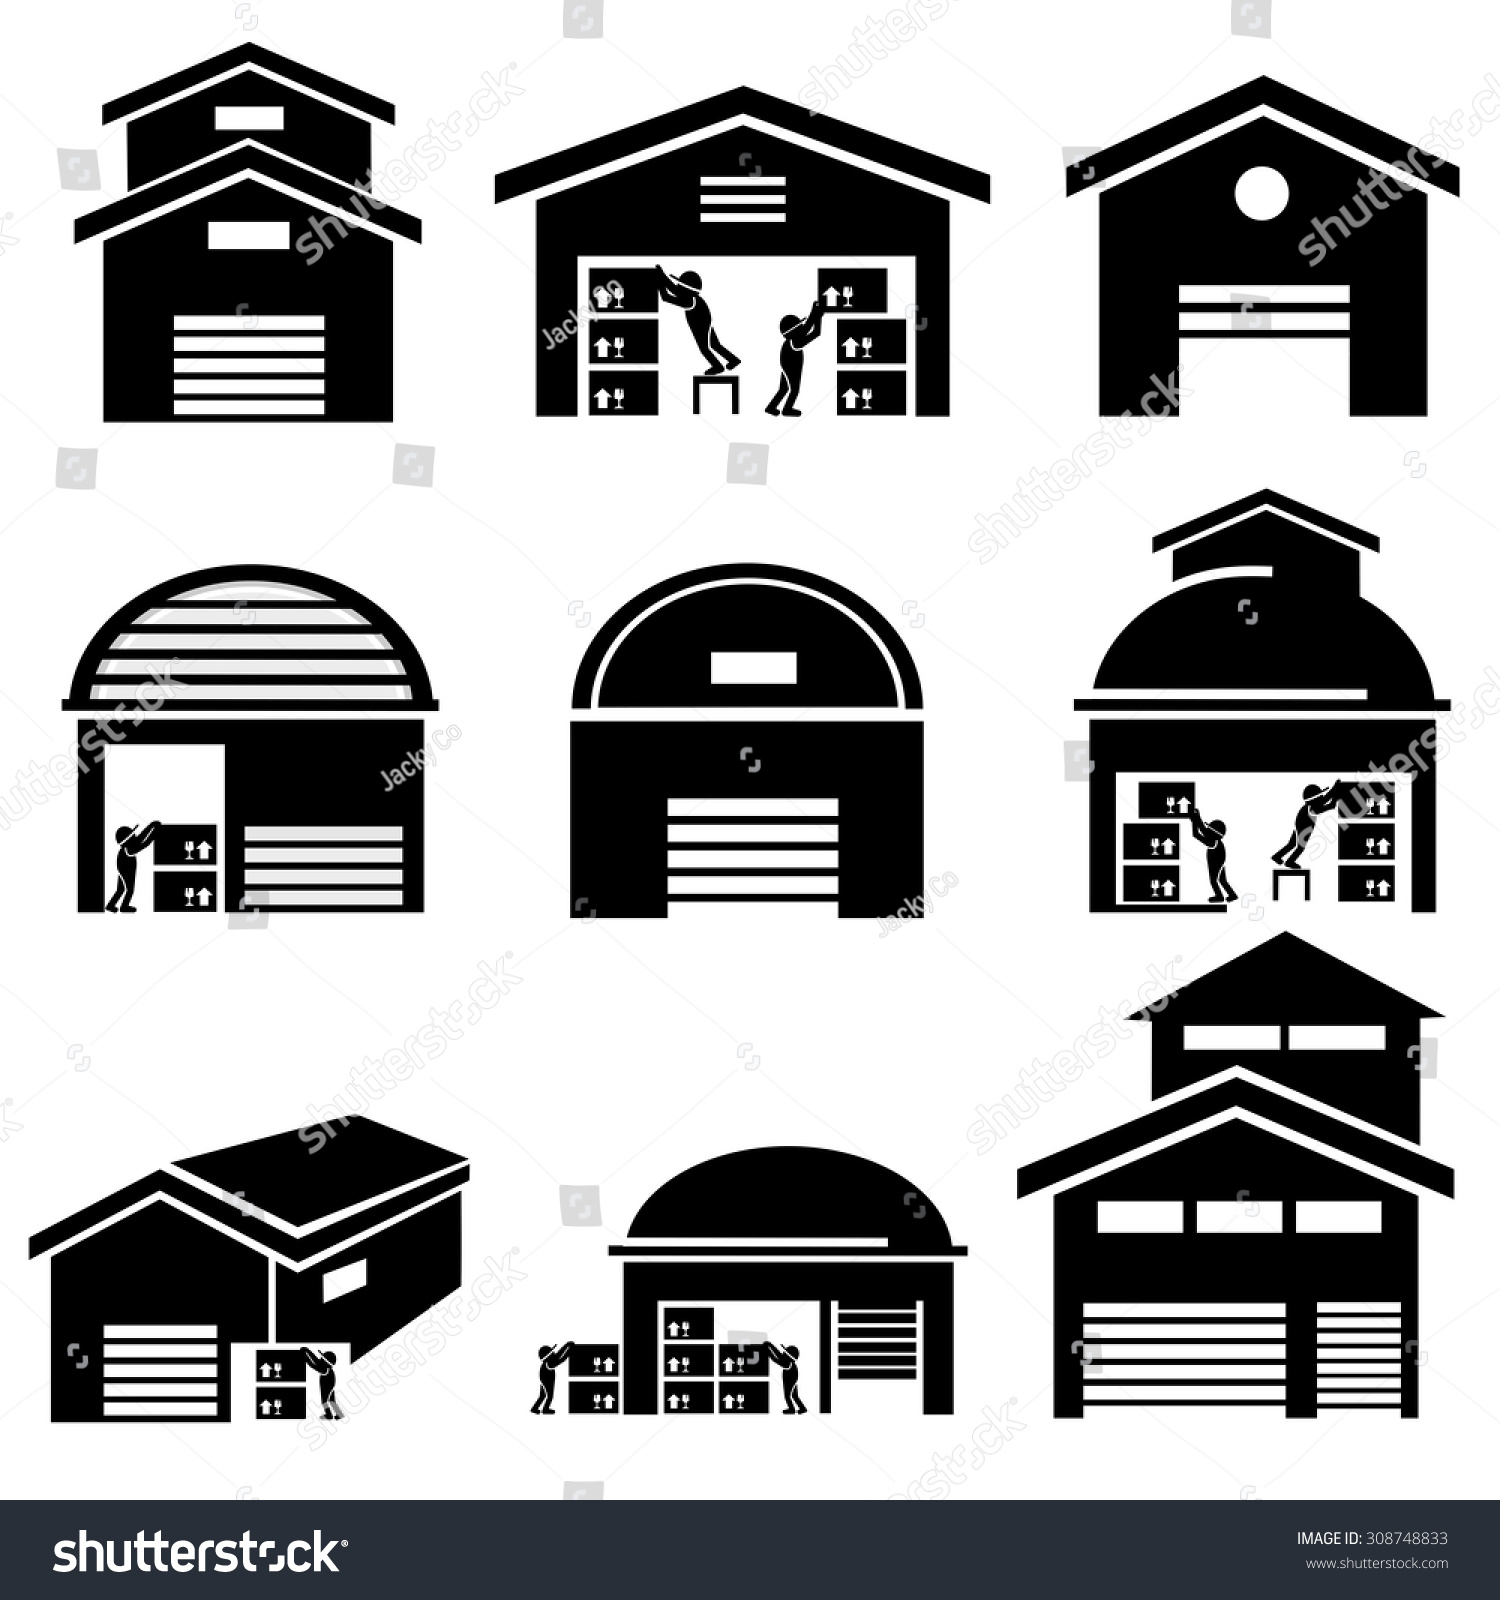 1500 x 1600 jpeg 315kBWarehouse